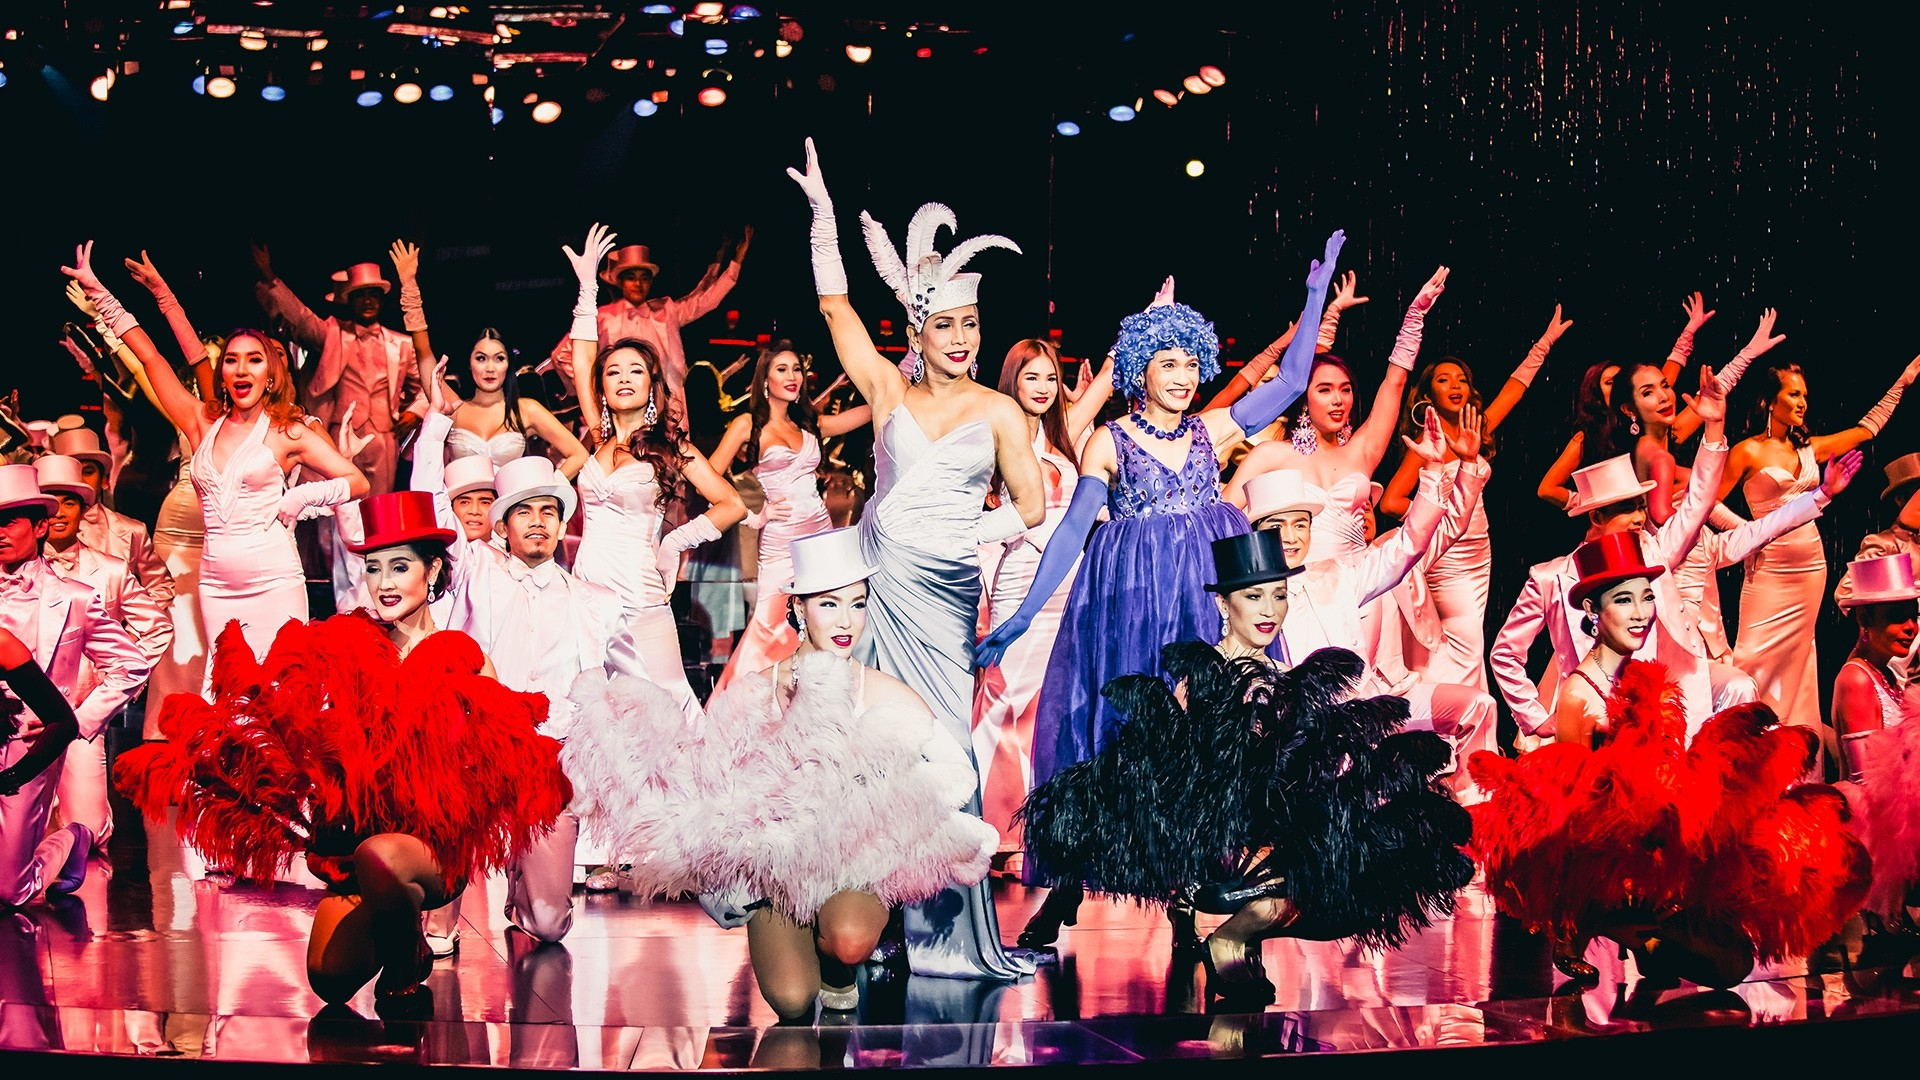 Calypso Carabet Show nổi tiếng với các màn biểu diễn của nam vũ công chuyển giới